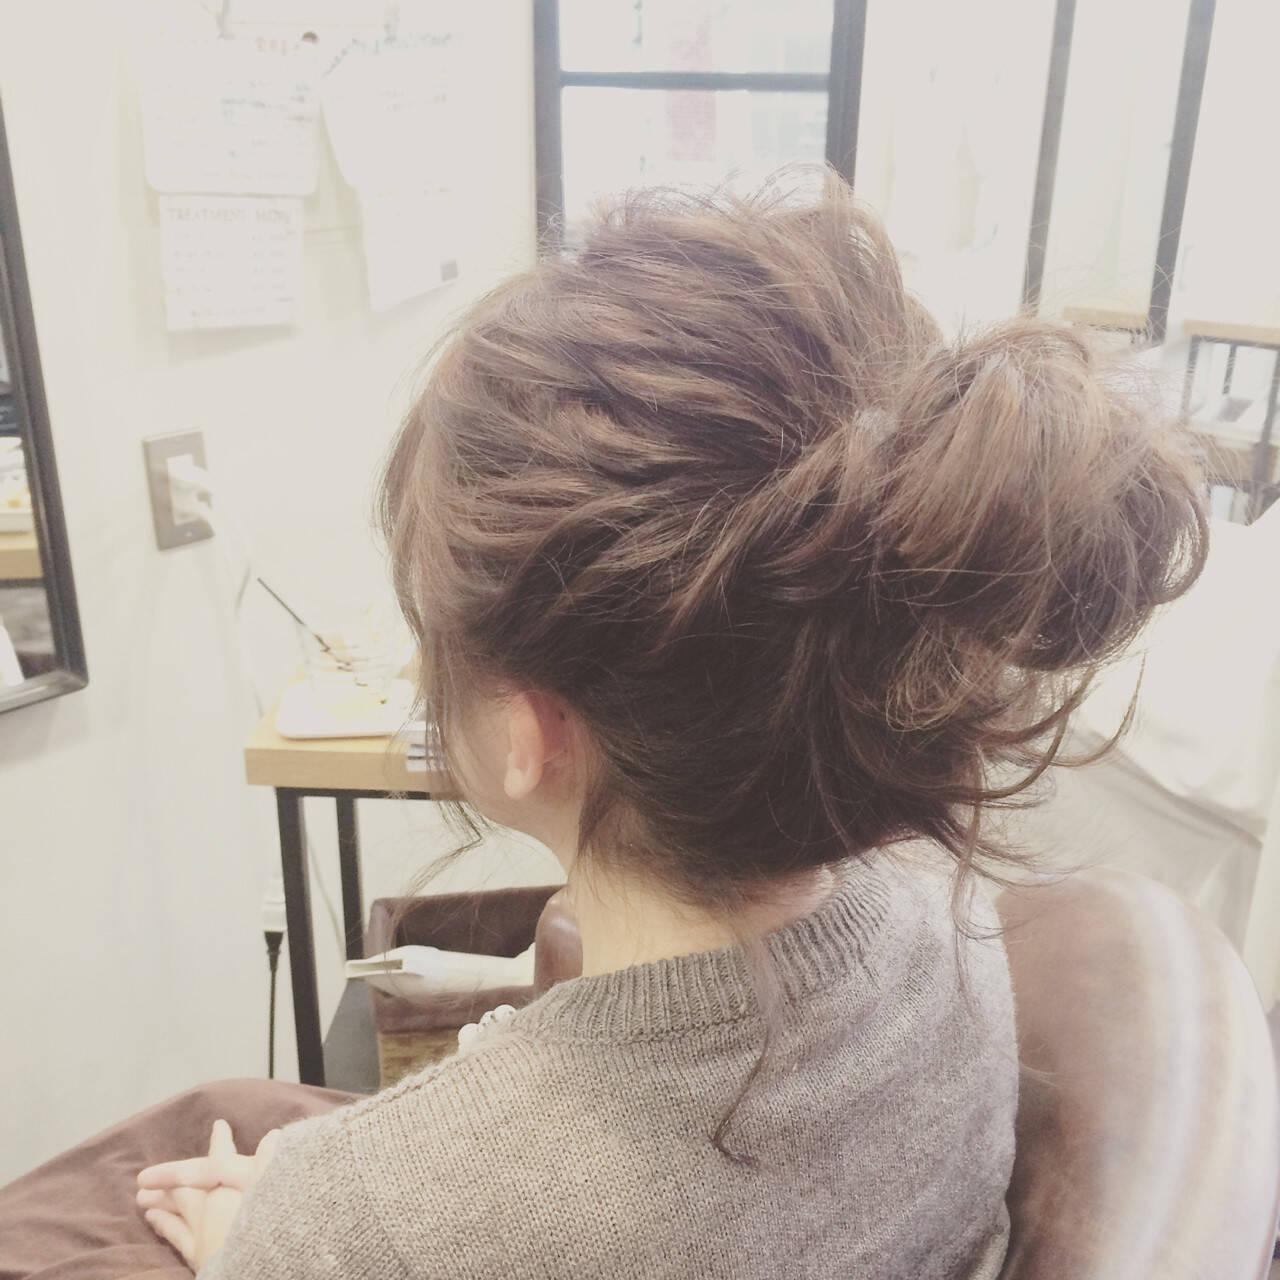 セミロング 大人かわいい お団子 ヘアアレンジヘアスタイルや髪型の写真・画像